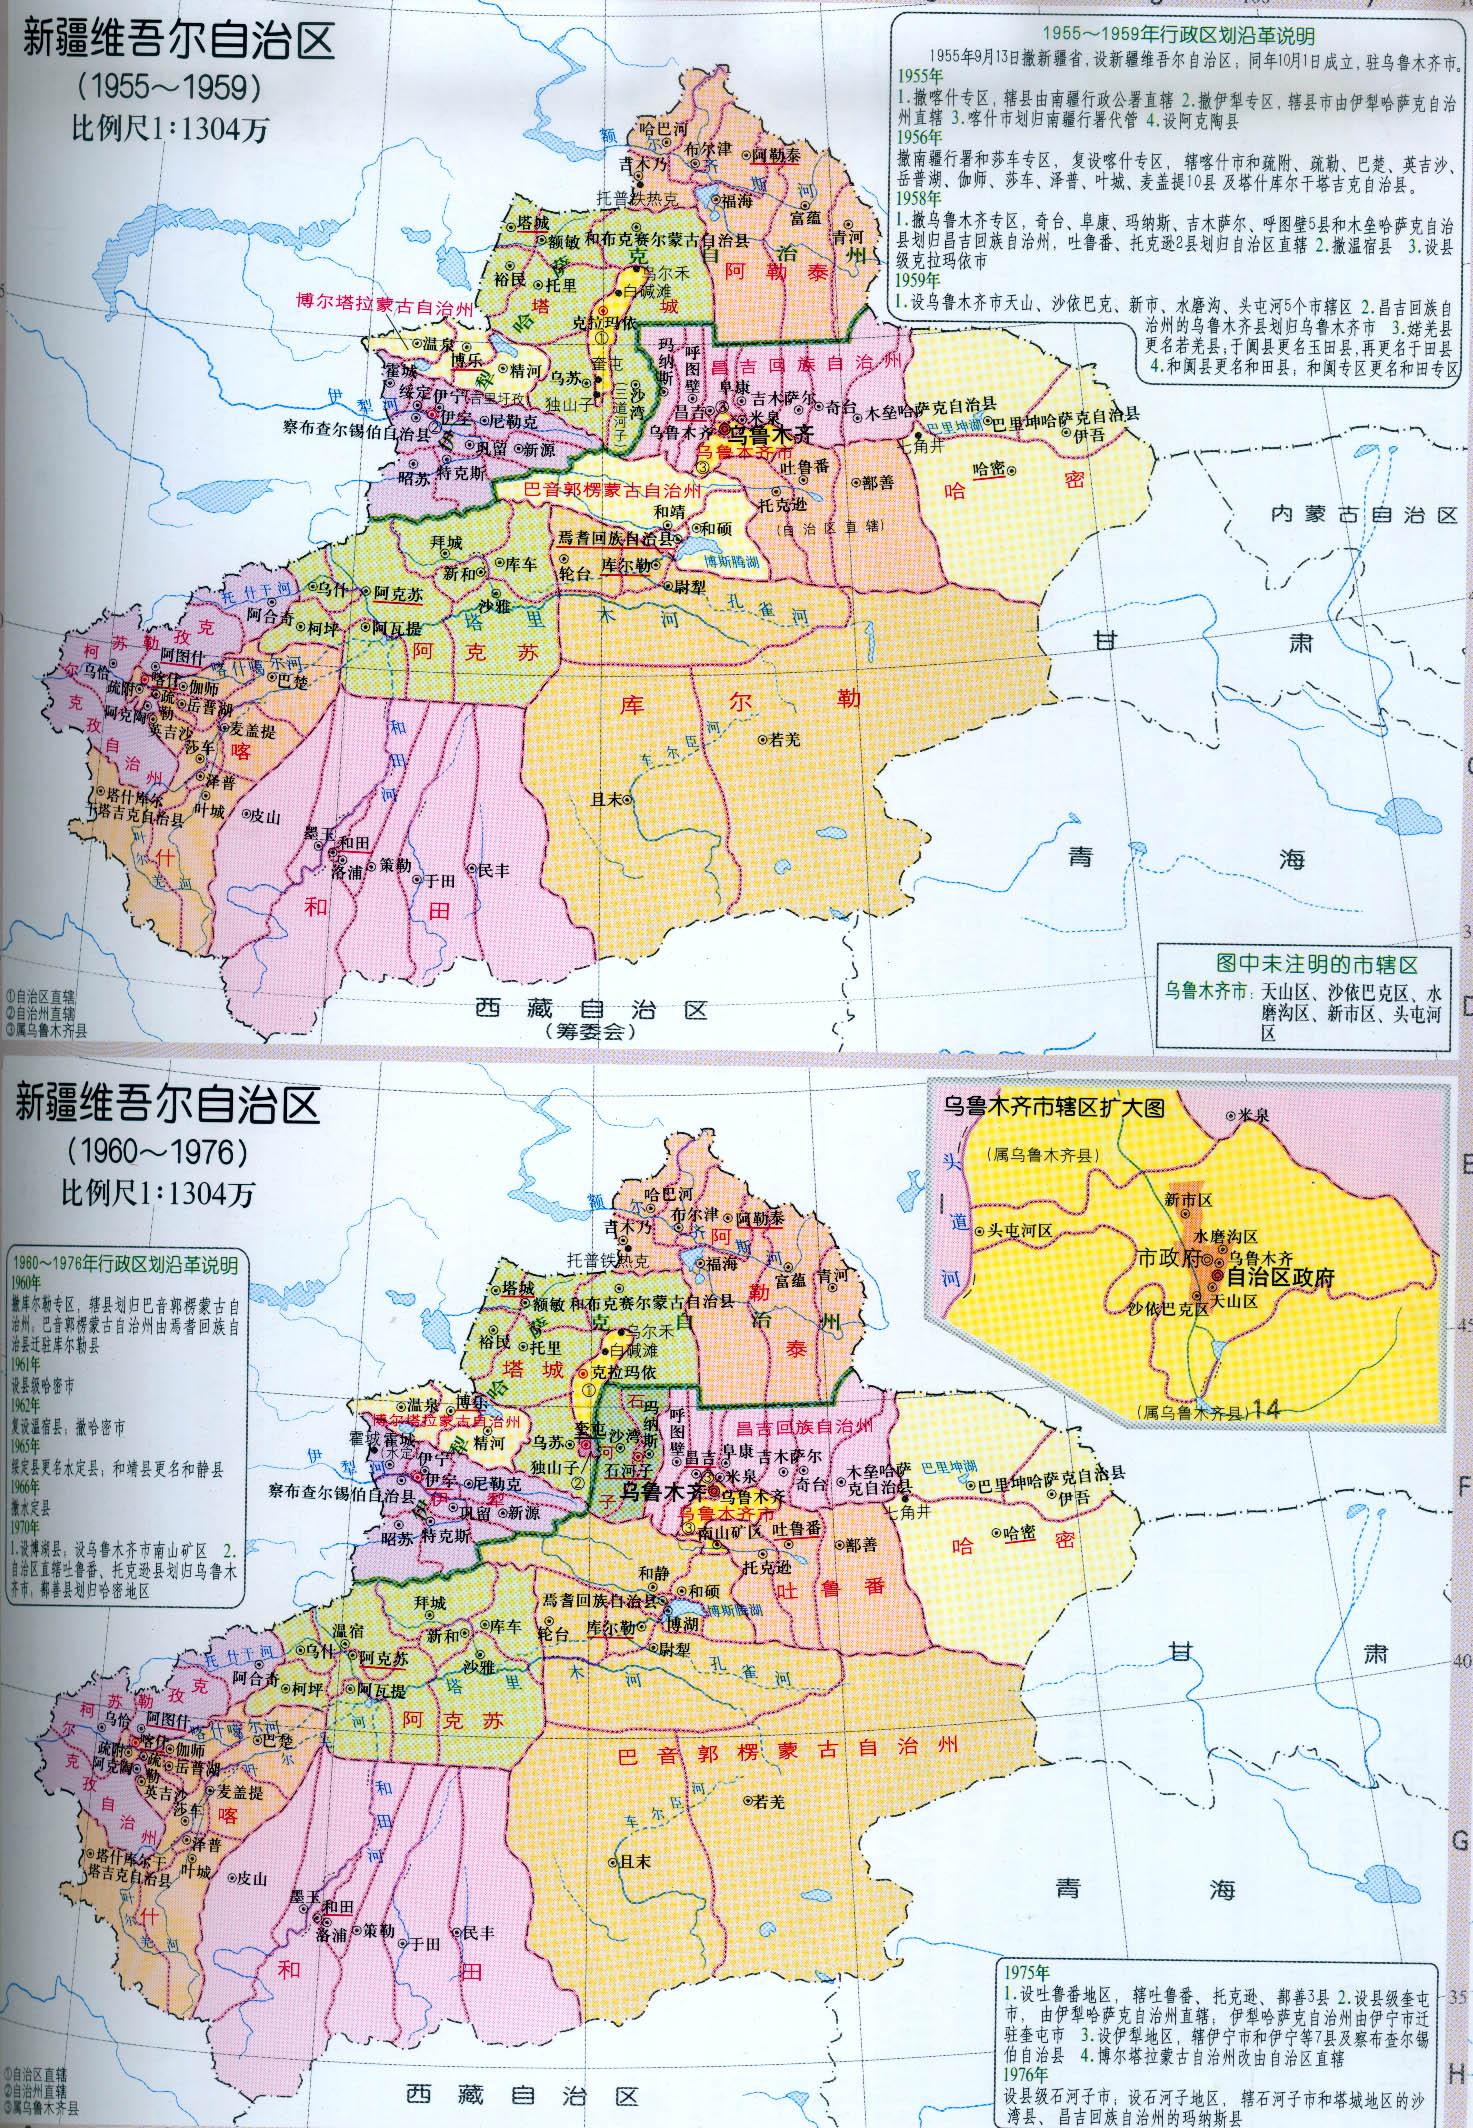 但1975至1979年中间没有博州下放伊犁哈萨克自治州管辖的记录.